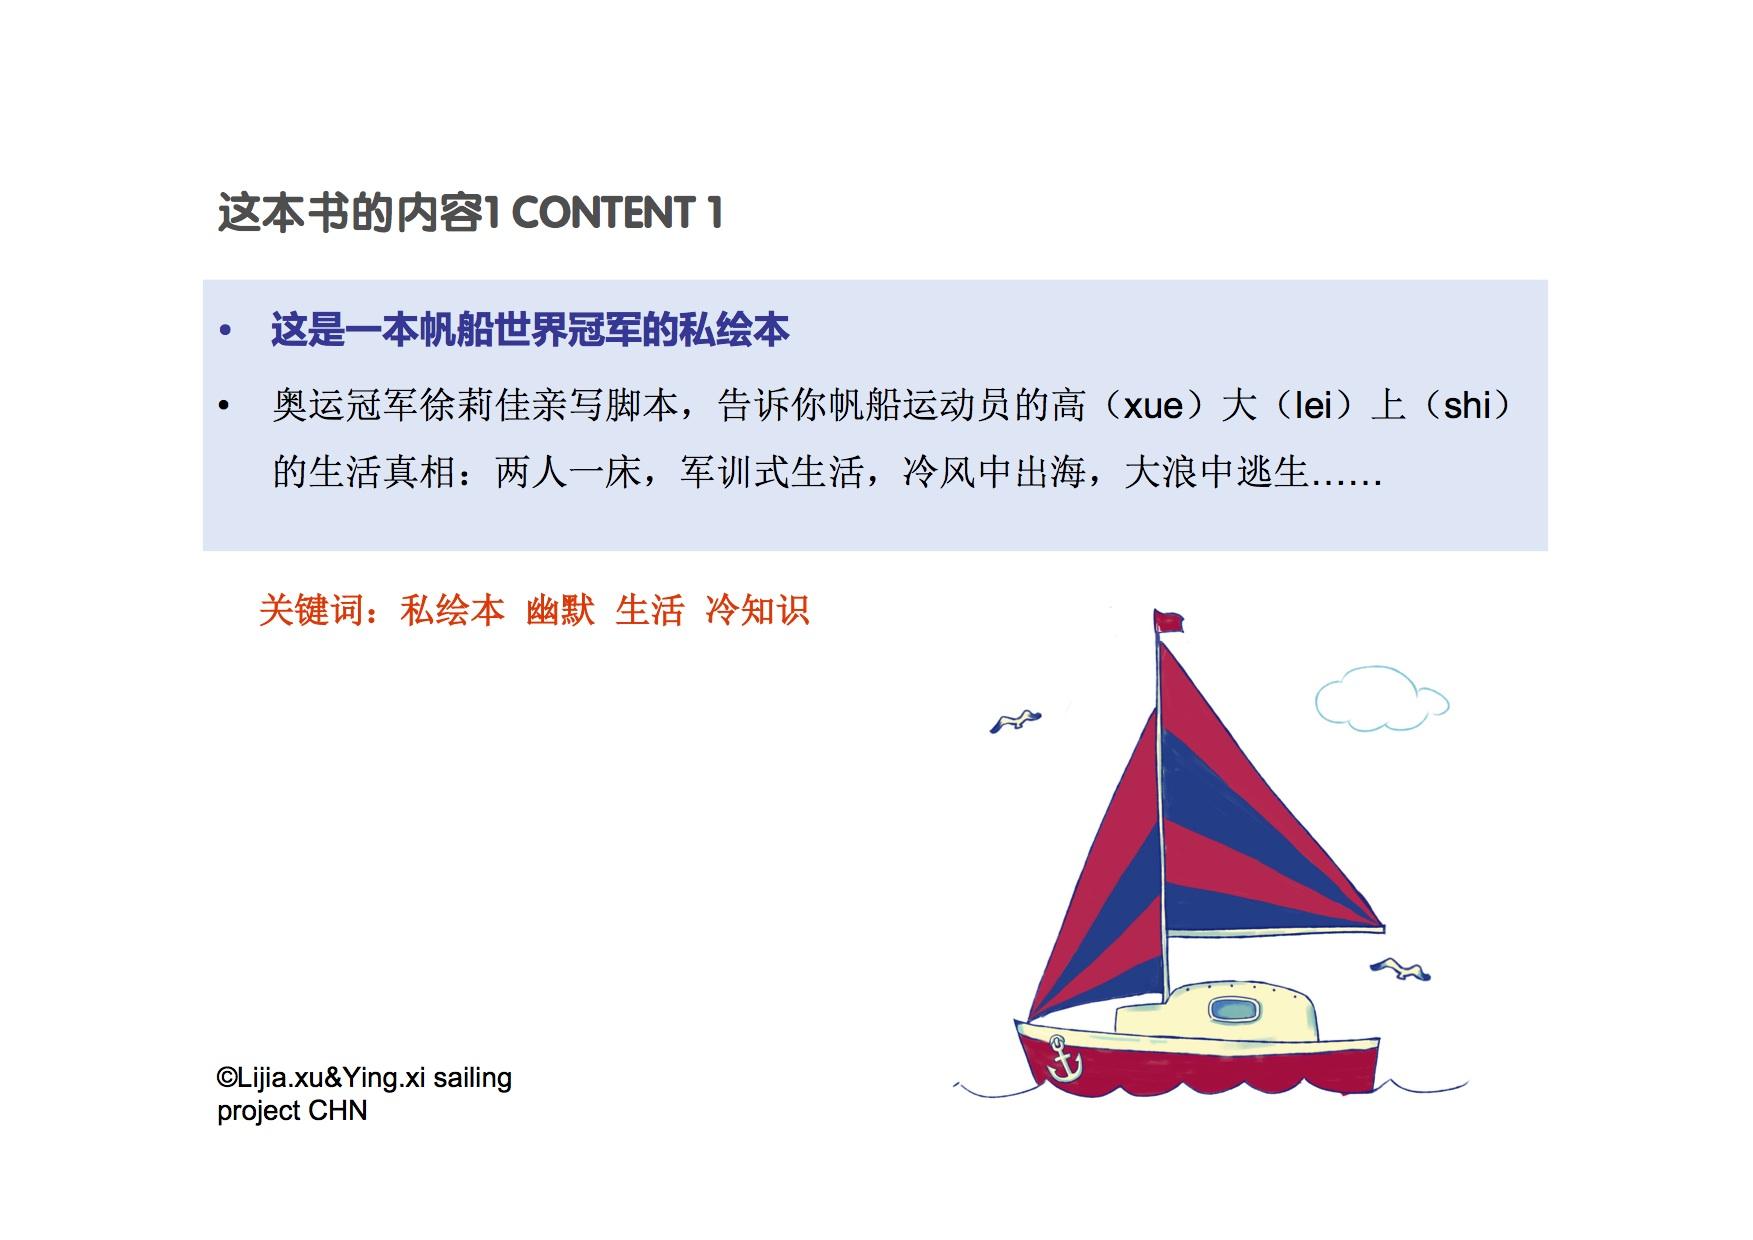 徐莉佳,帆船 一起来支持徐莉佳帆船漫画系列书 绘本帆船创作企划案6.jpg